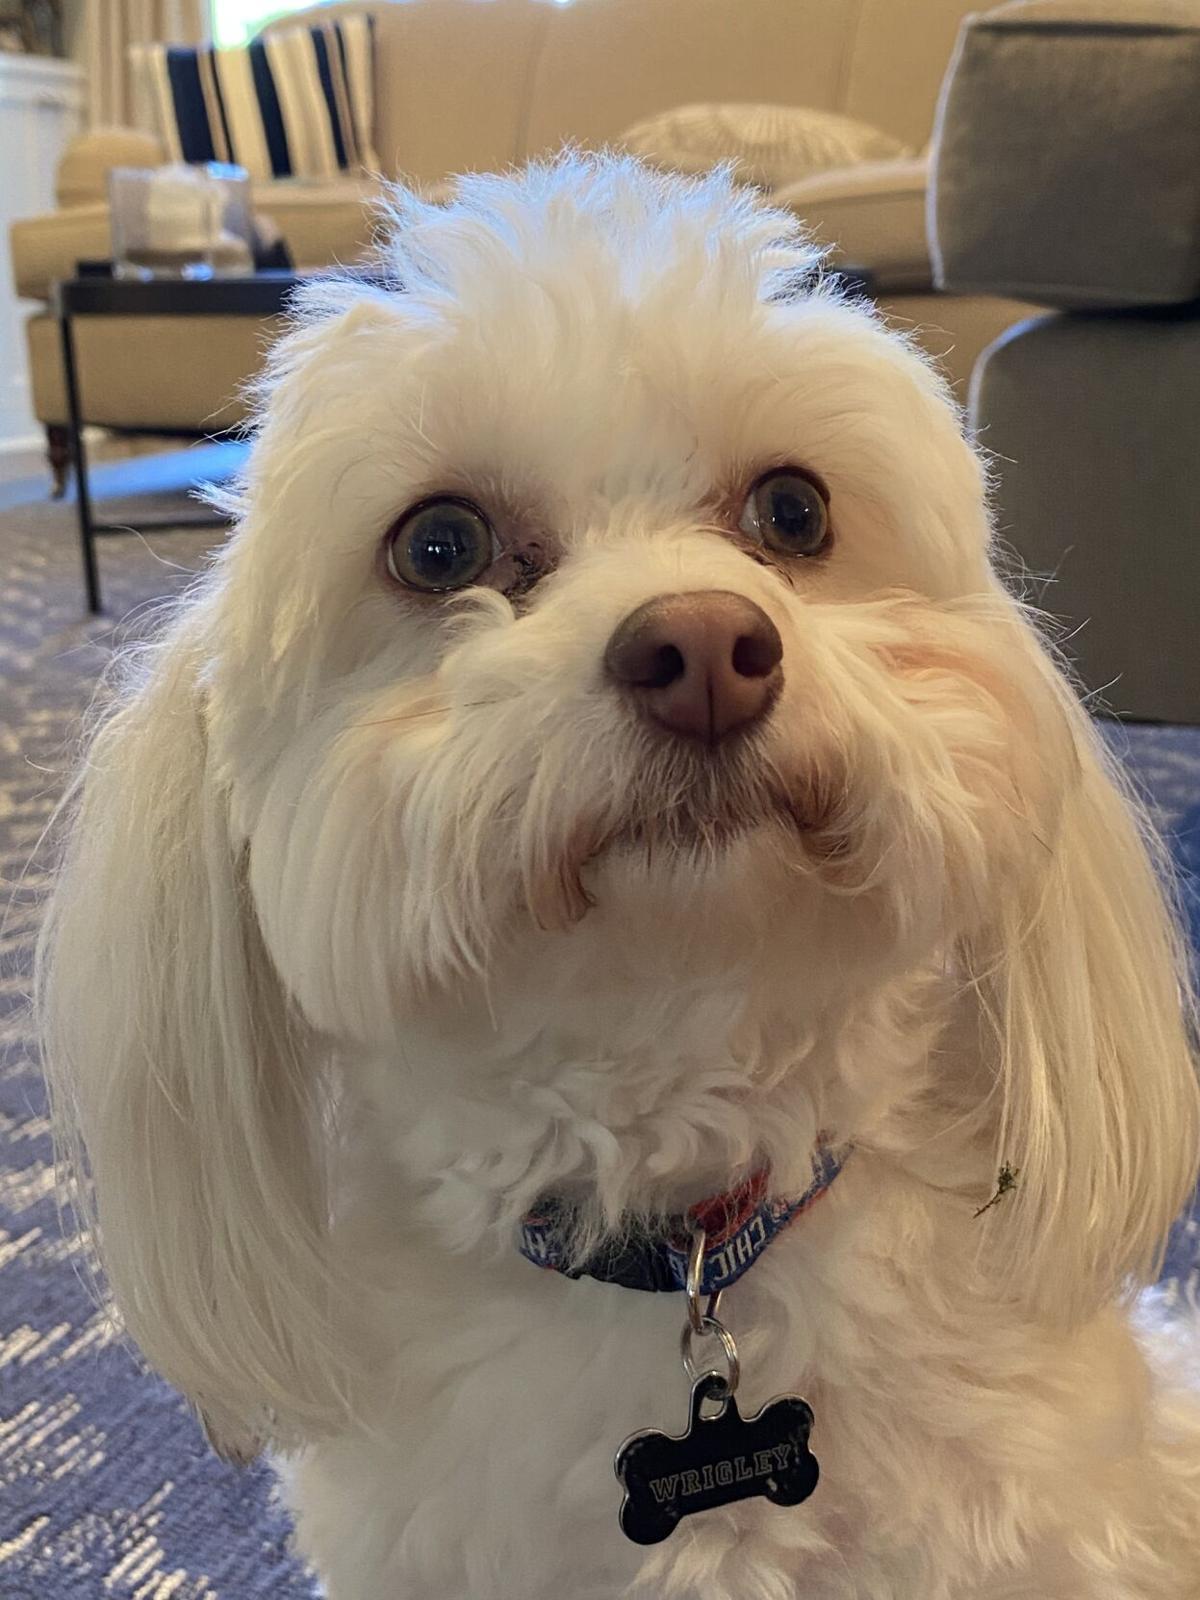 Wrigley---Shelton-s-dog.jpeg